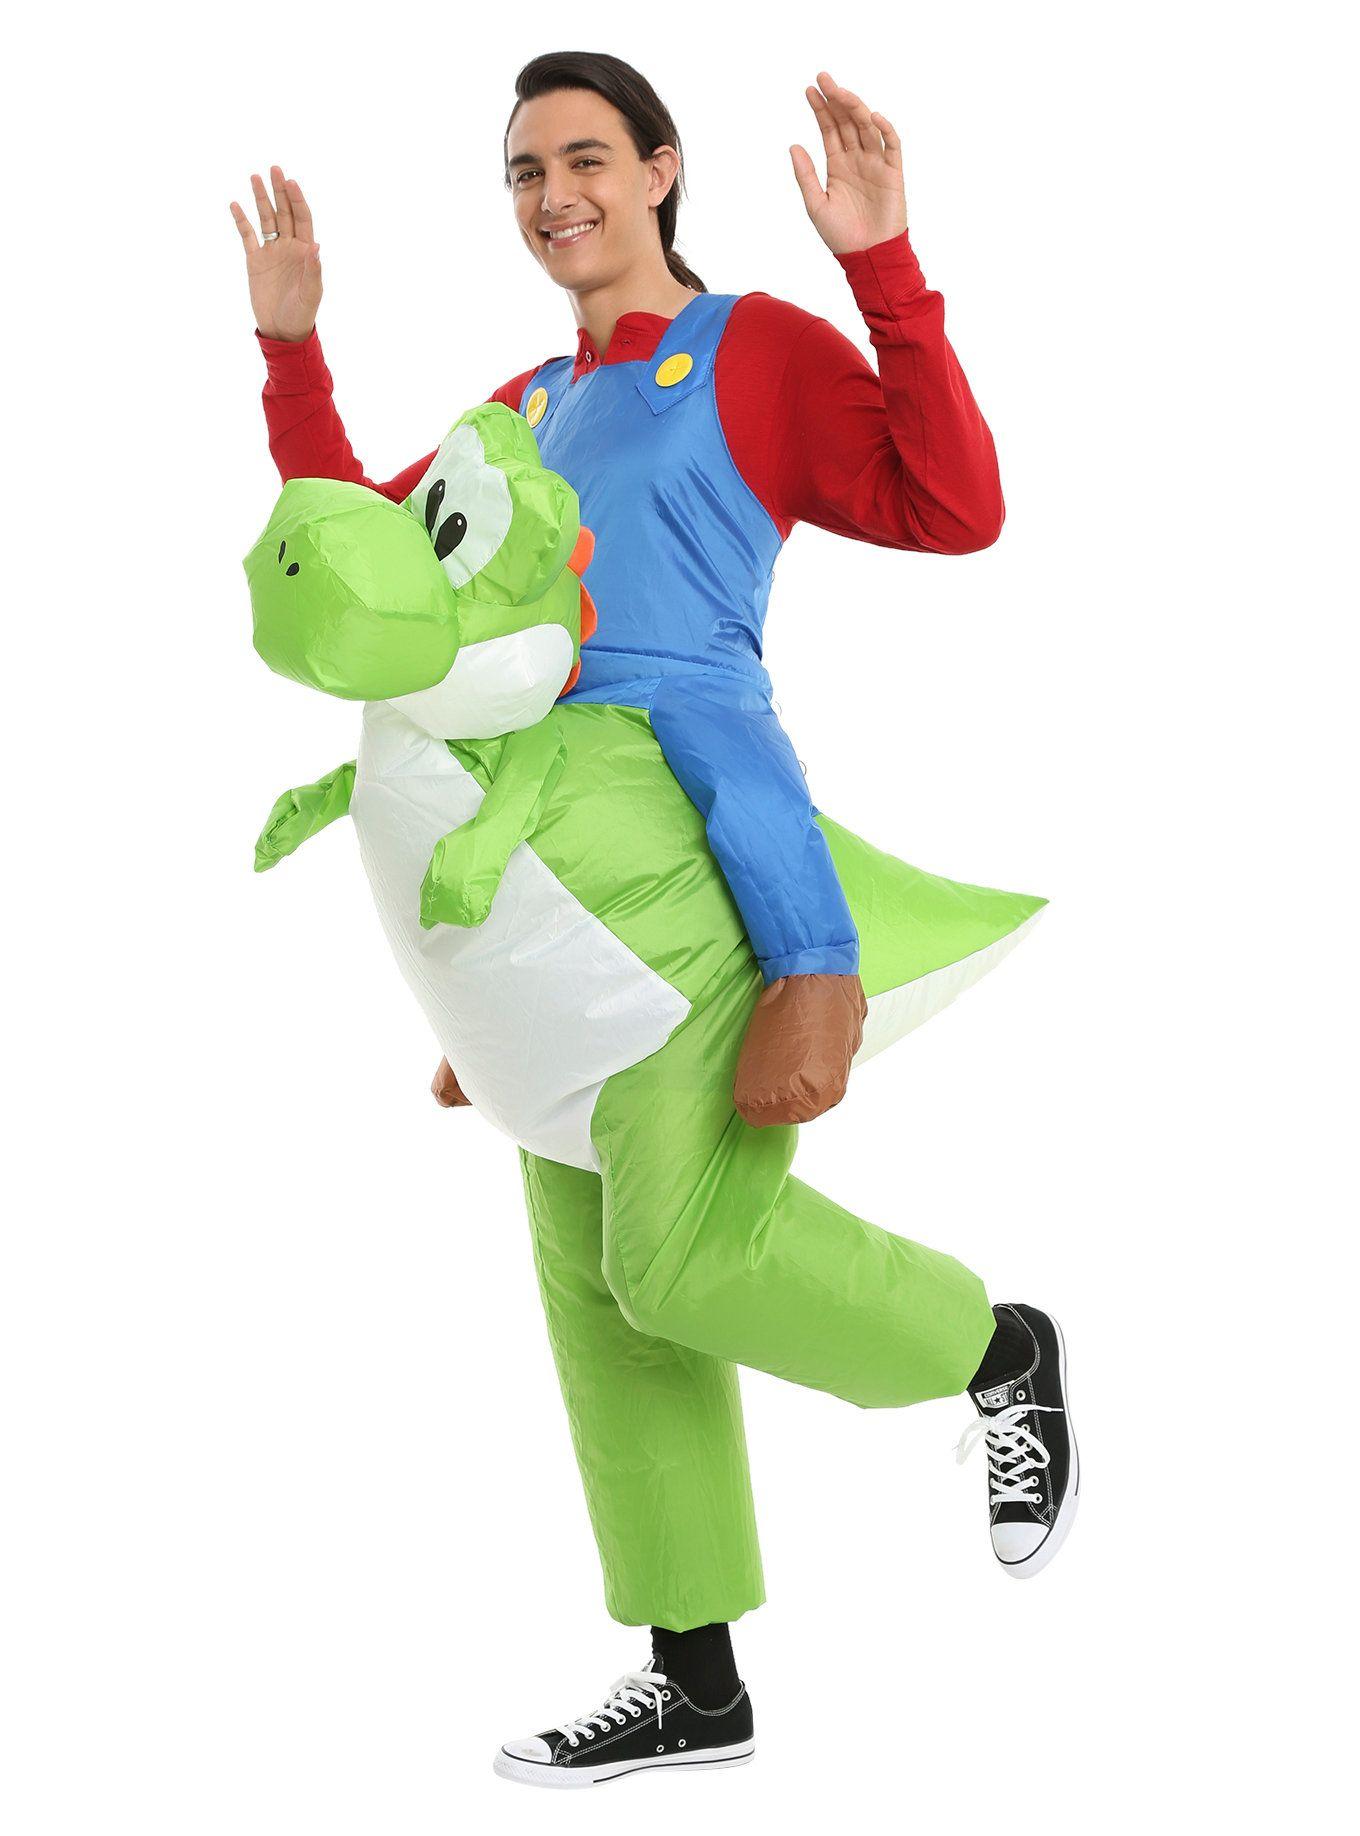 Super Mario Mario Riding Yoshi Inflatable Costume | Hot Topic  sc 1 st  Pinterest & Super Mario Mario Riding Yoshi Inflatable Costume | Pinterest ...